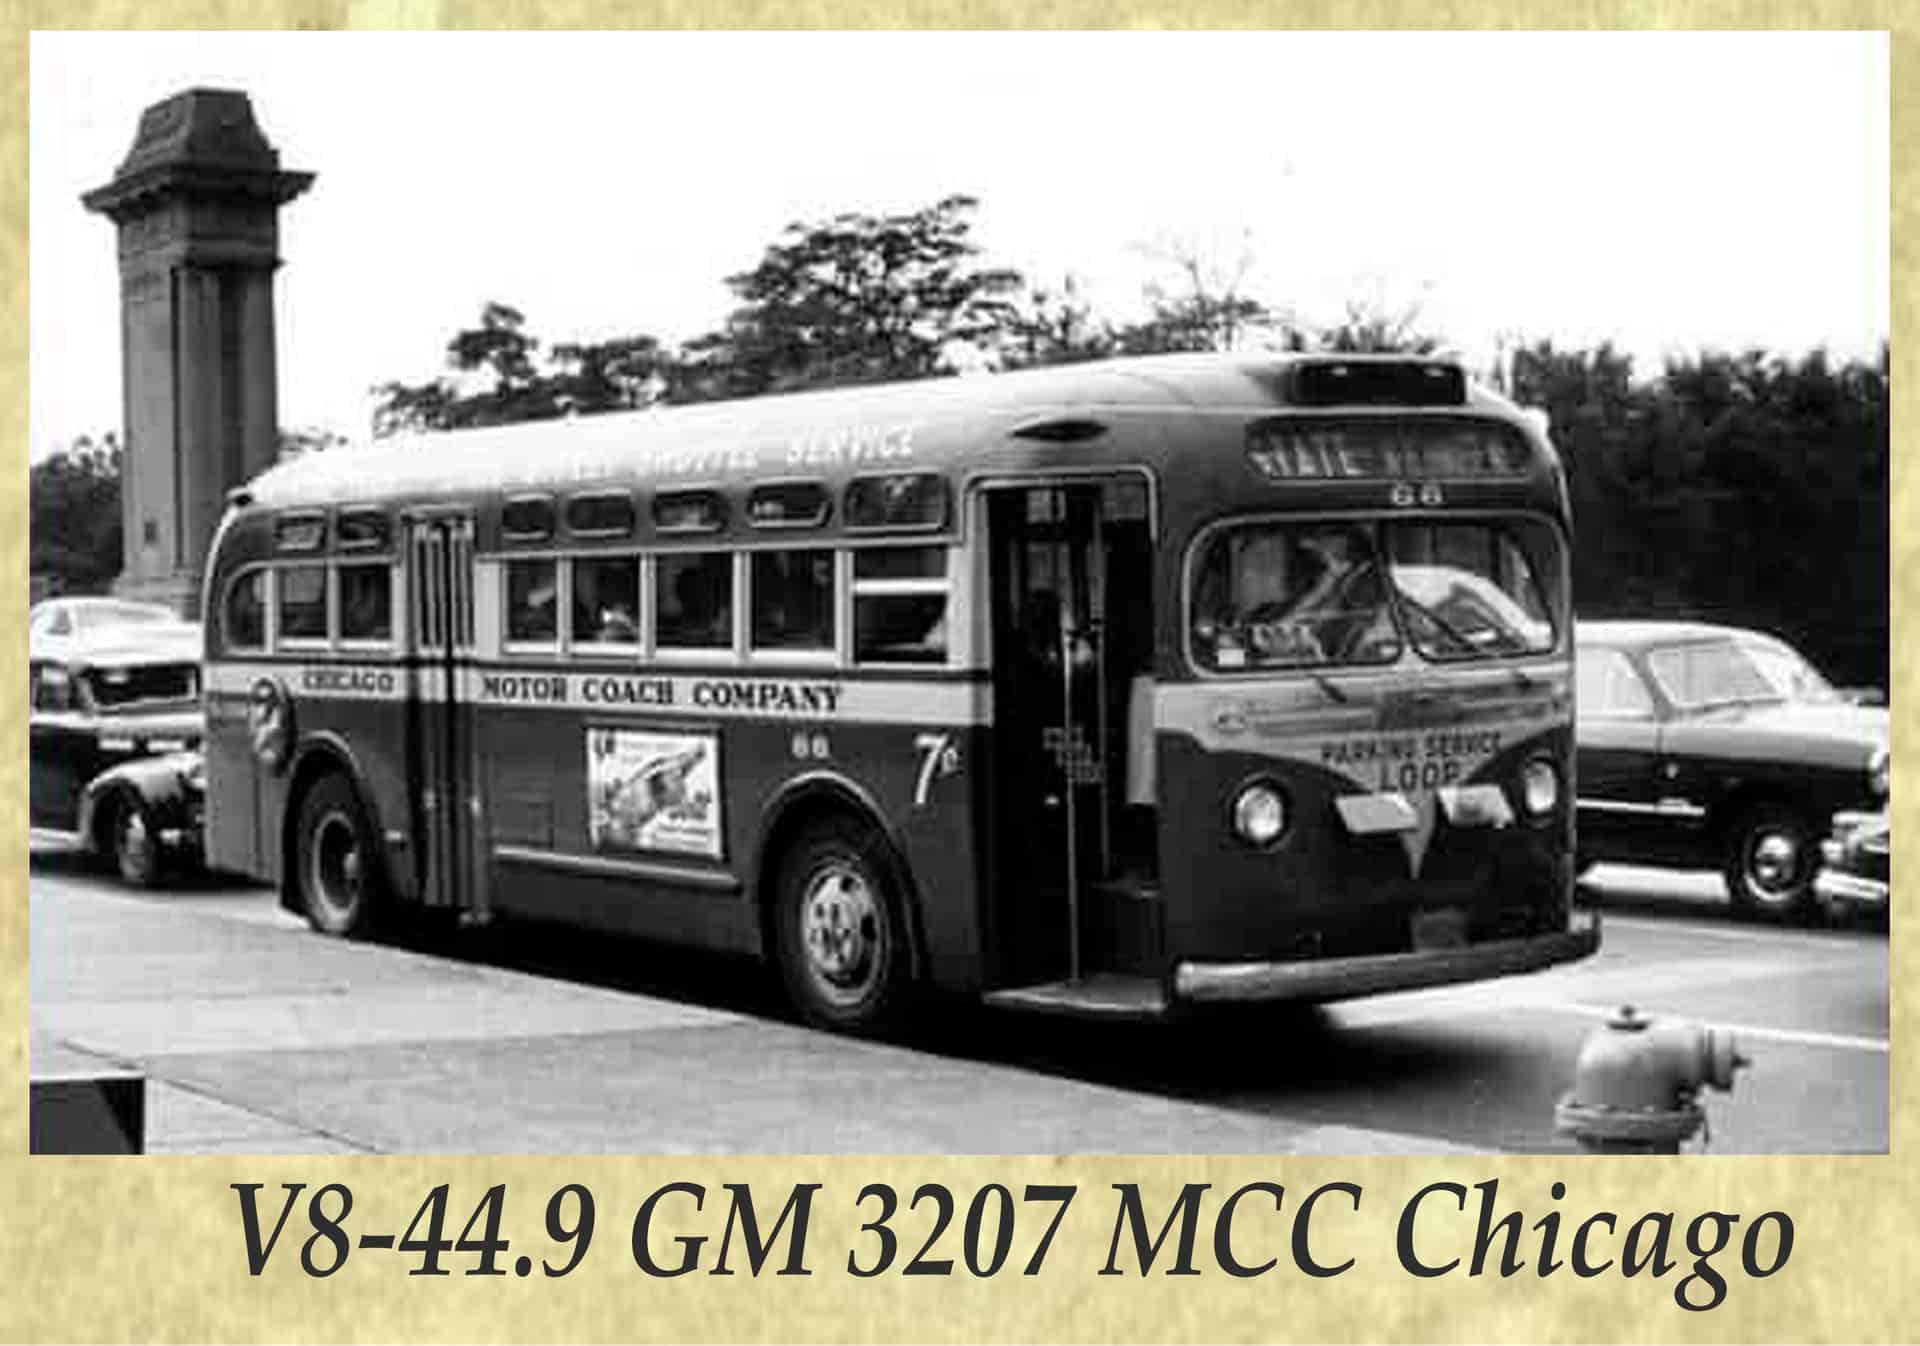 V8-44.9 GM 3207 MCC Chicago